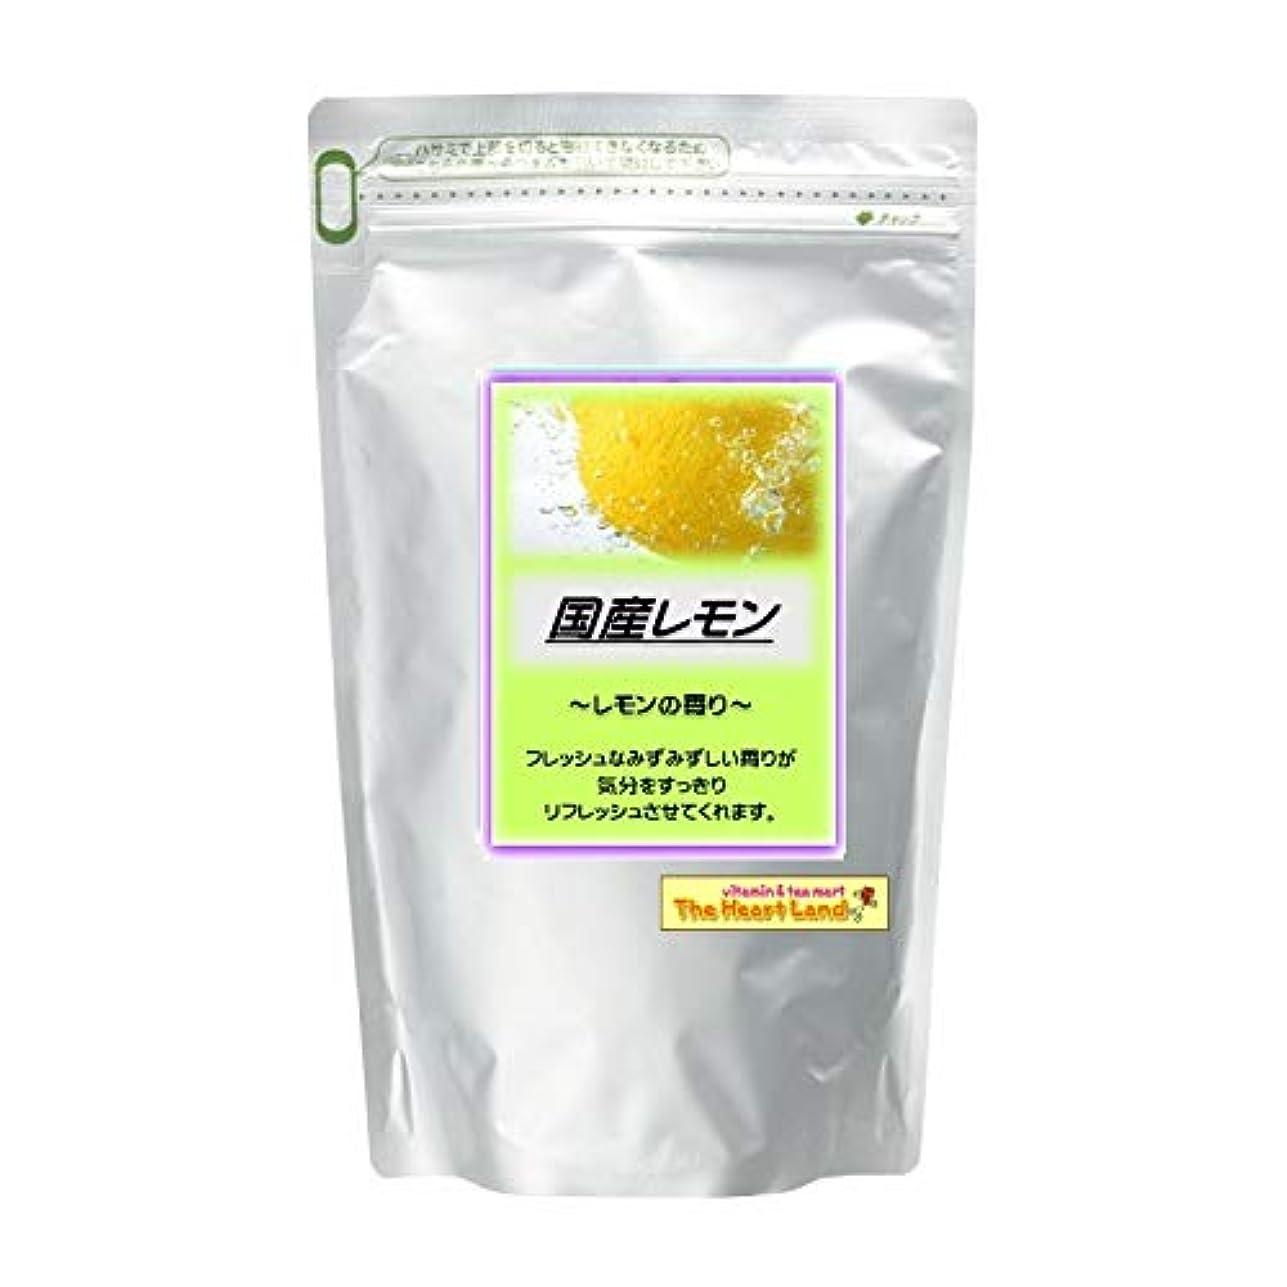 アサヒ入浴剤 浴用入浴化粧品 国産レモン 300g